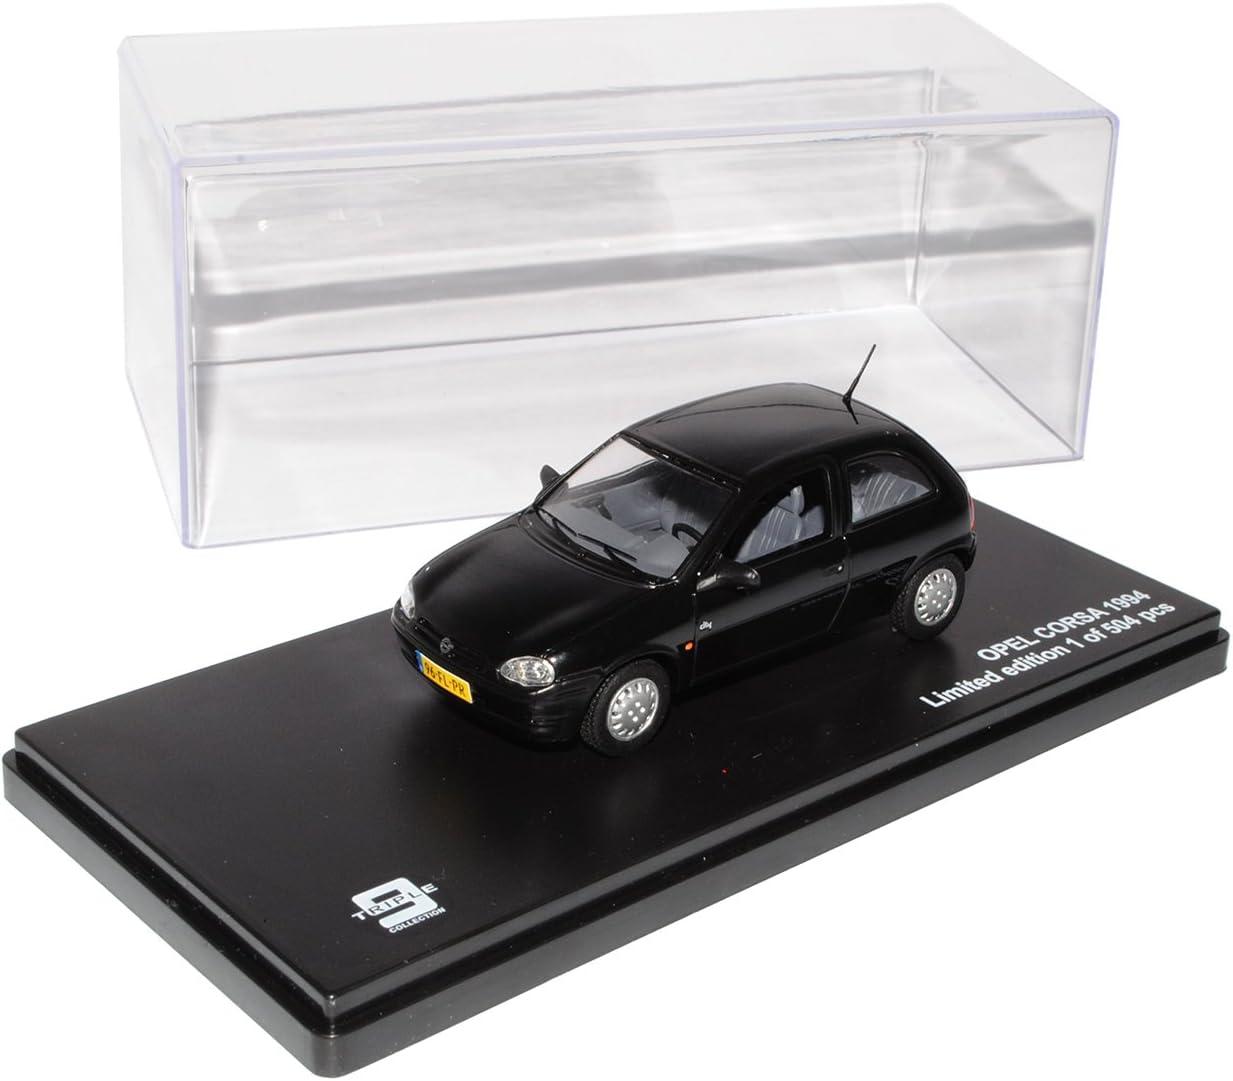 Ixo Opel Corsa B Schwarz 3 Türer 1993 2000 Limitiert Triple 1 43 Modell Auto Mit Individiuellem Wunschkennzeichen Spielzeug